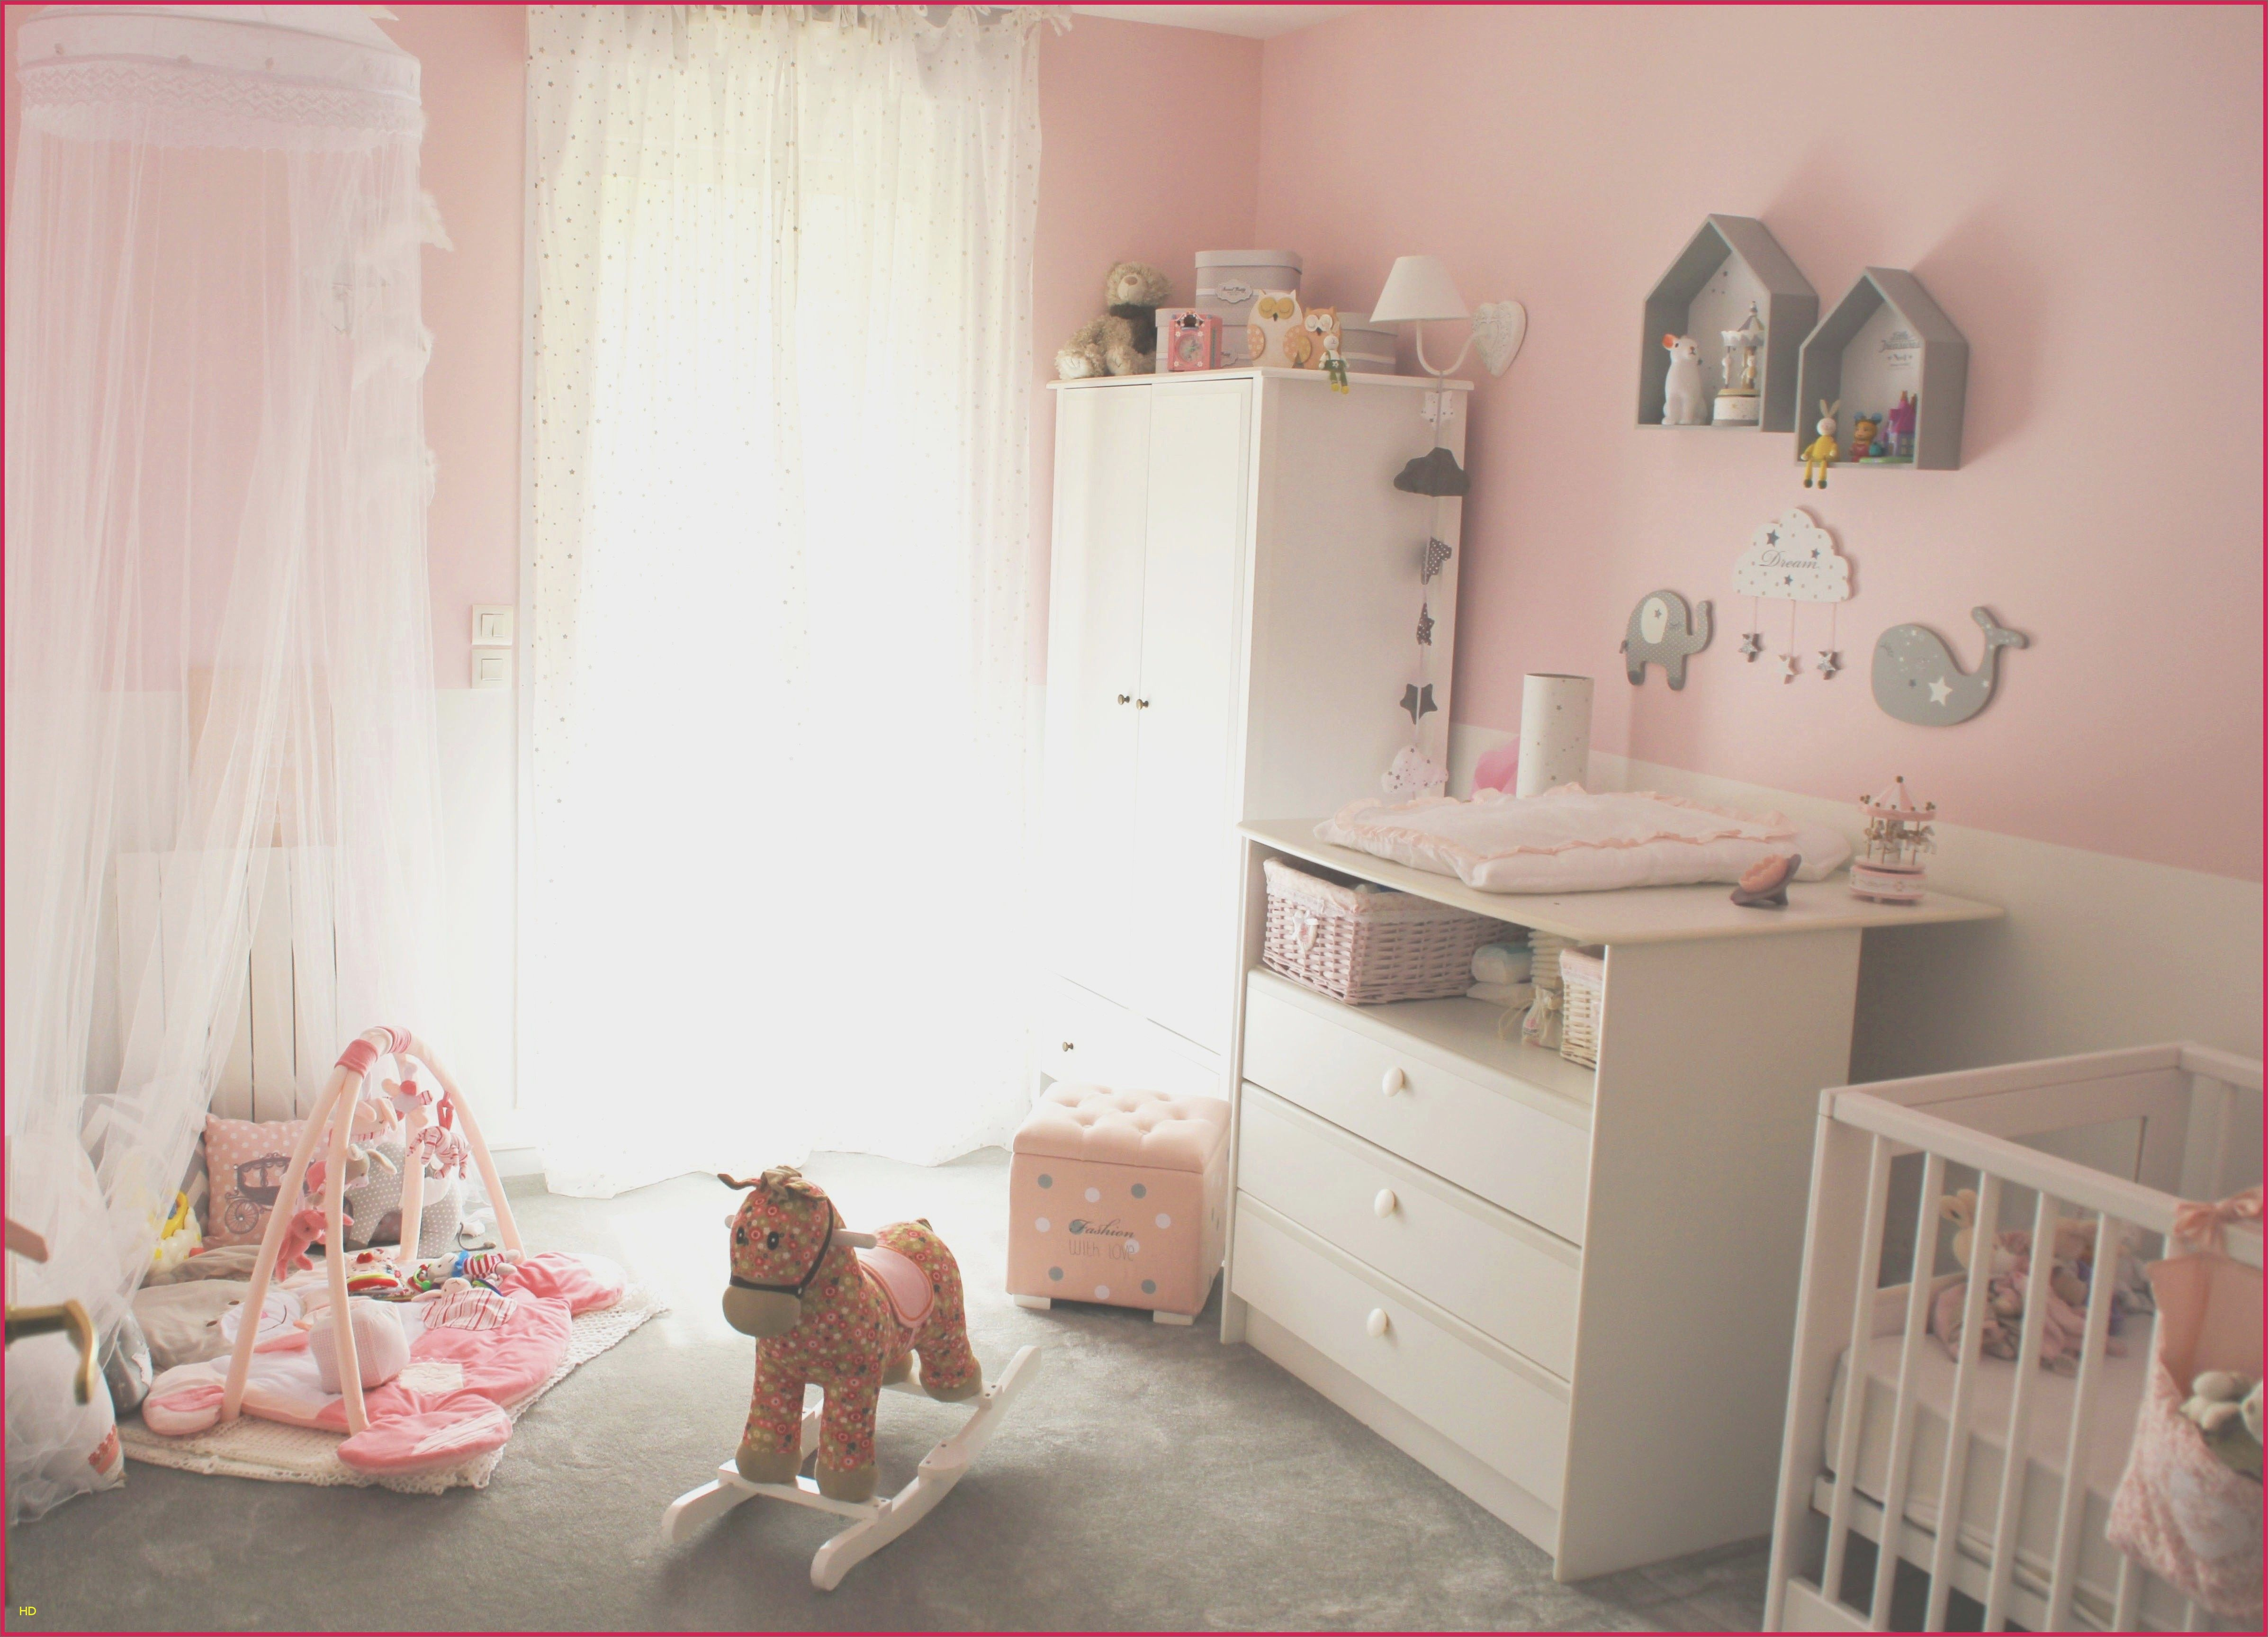 Lit Bébé Et Table A Langer Inspirant Baignoire Pliante Bébé Beautiful Lit Bebe Luxe 36 Ikea Best De Avec